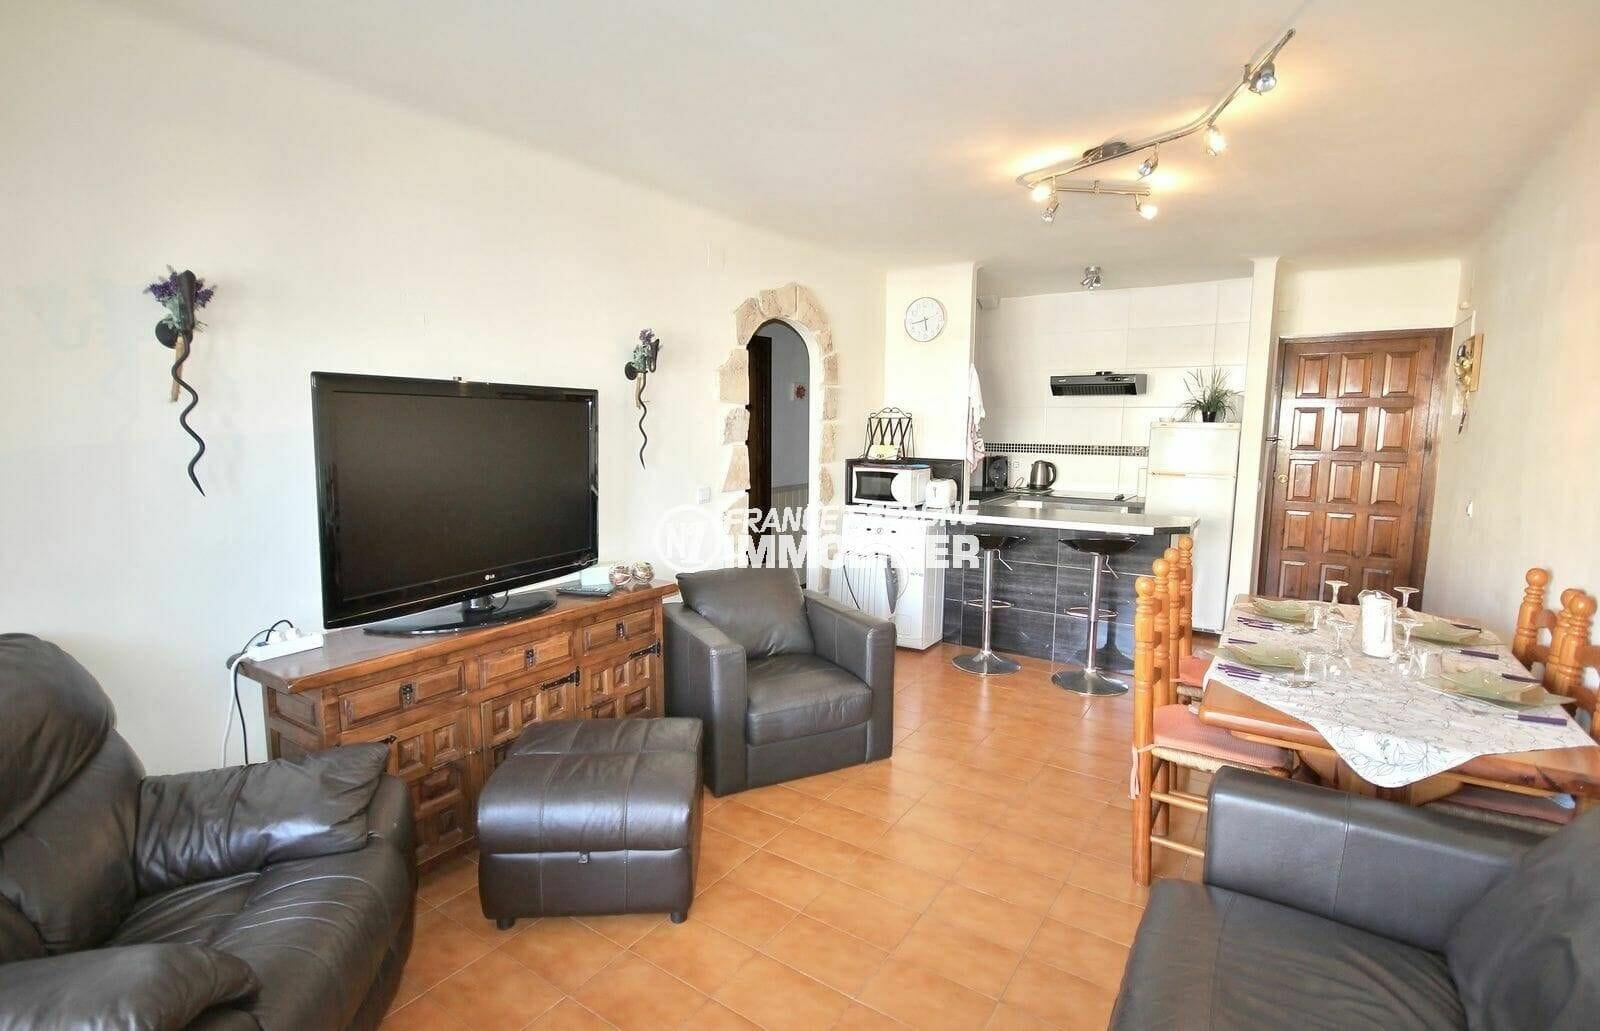 immobilier empuriabrava: appartement de 64 m², salon / séjour avec cuisine ouverte